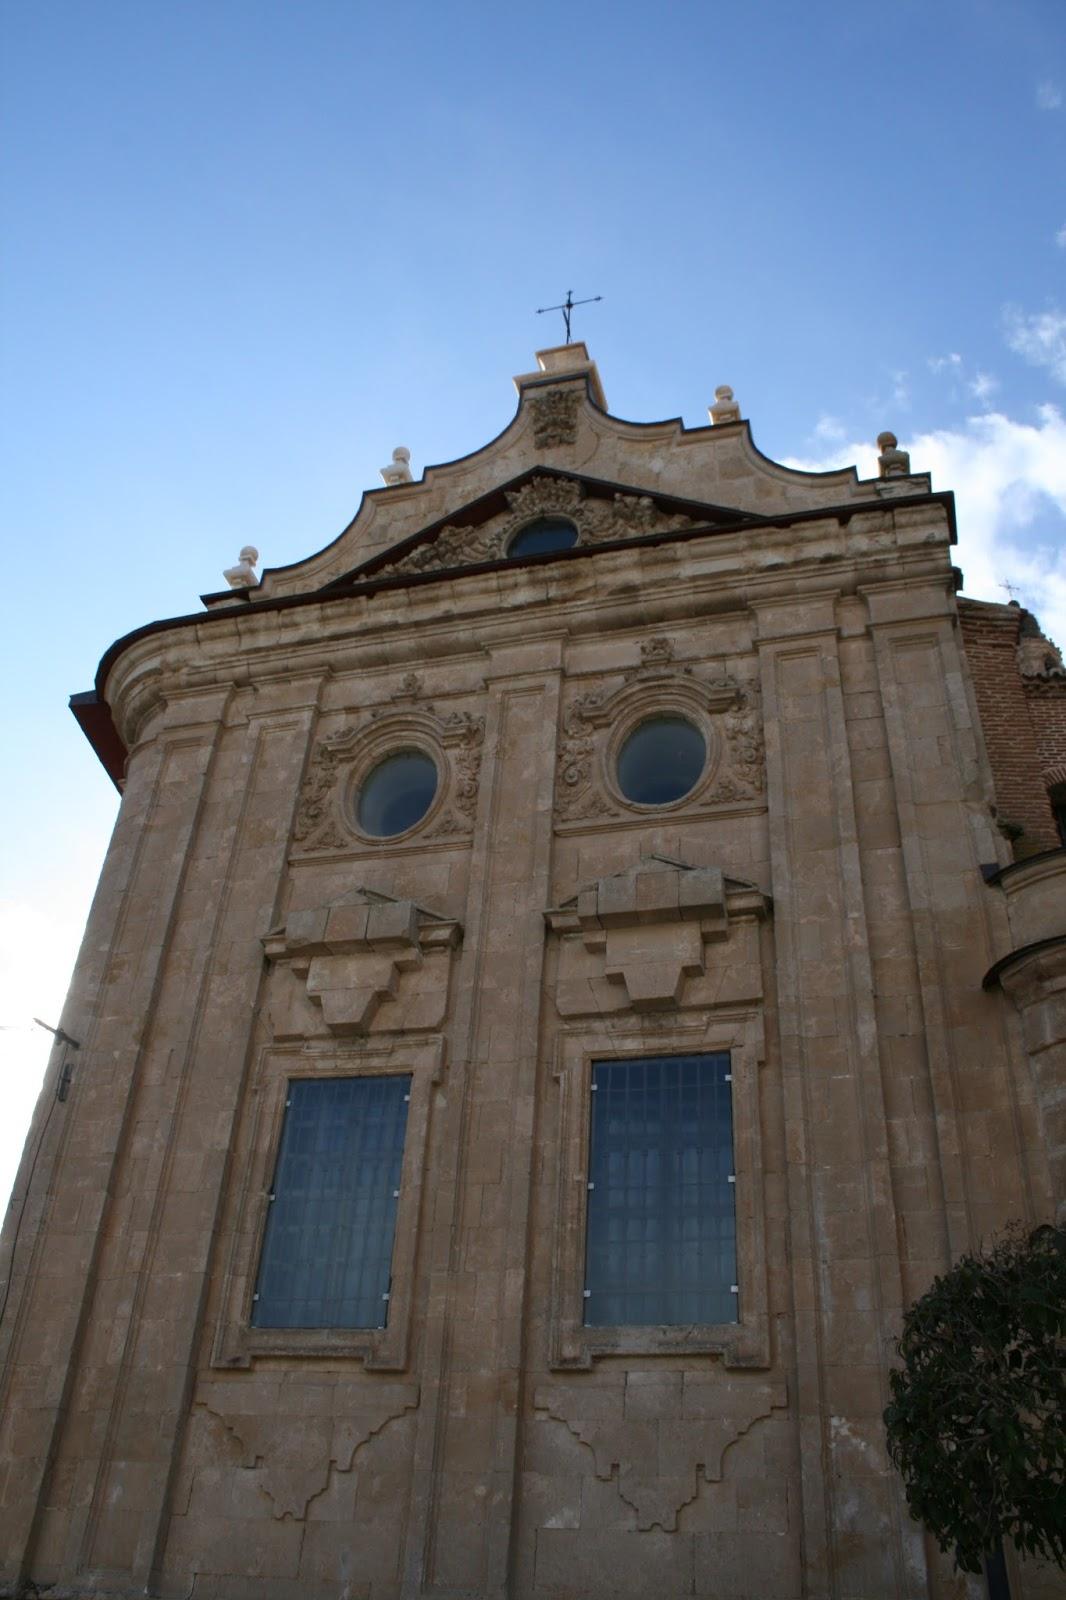 Maravillas Ocultas De Espana Nava Del Rey Valladolid La Iglesia